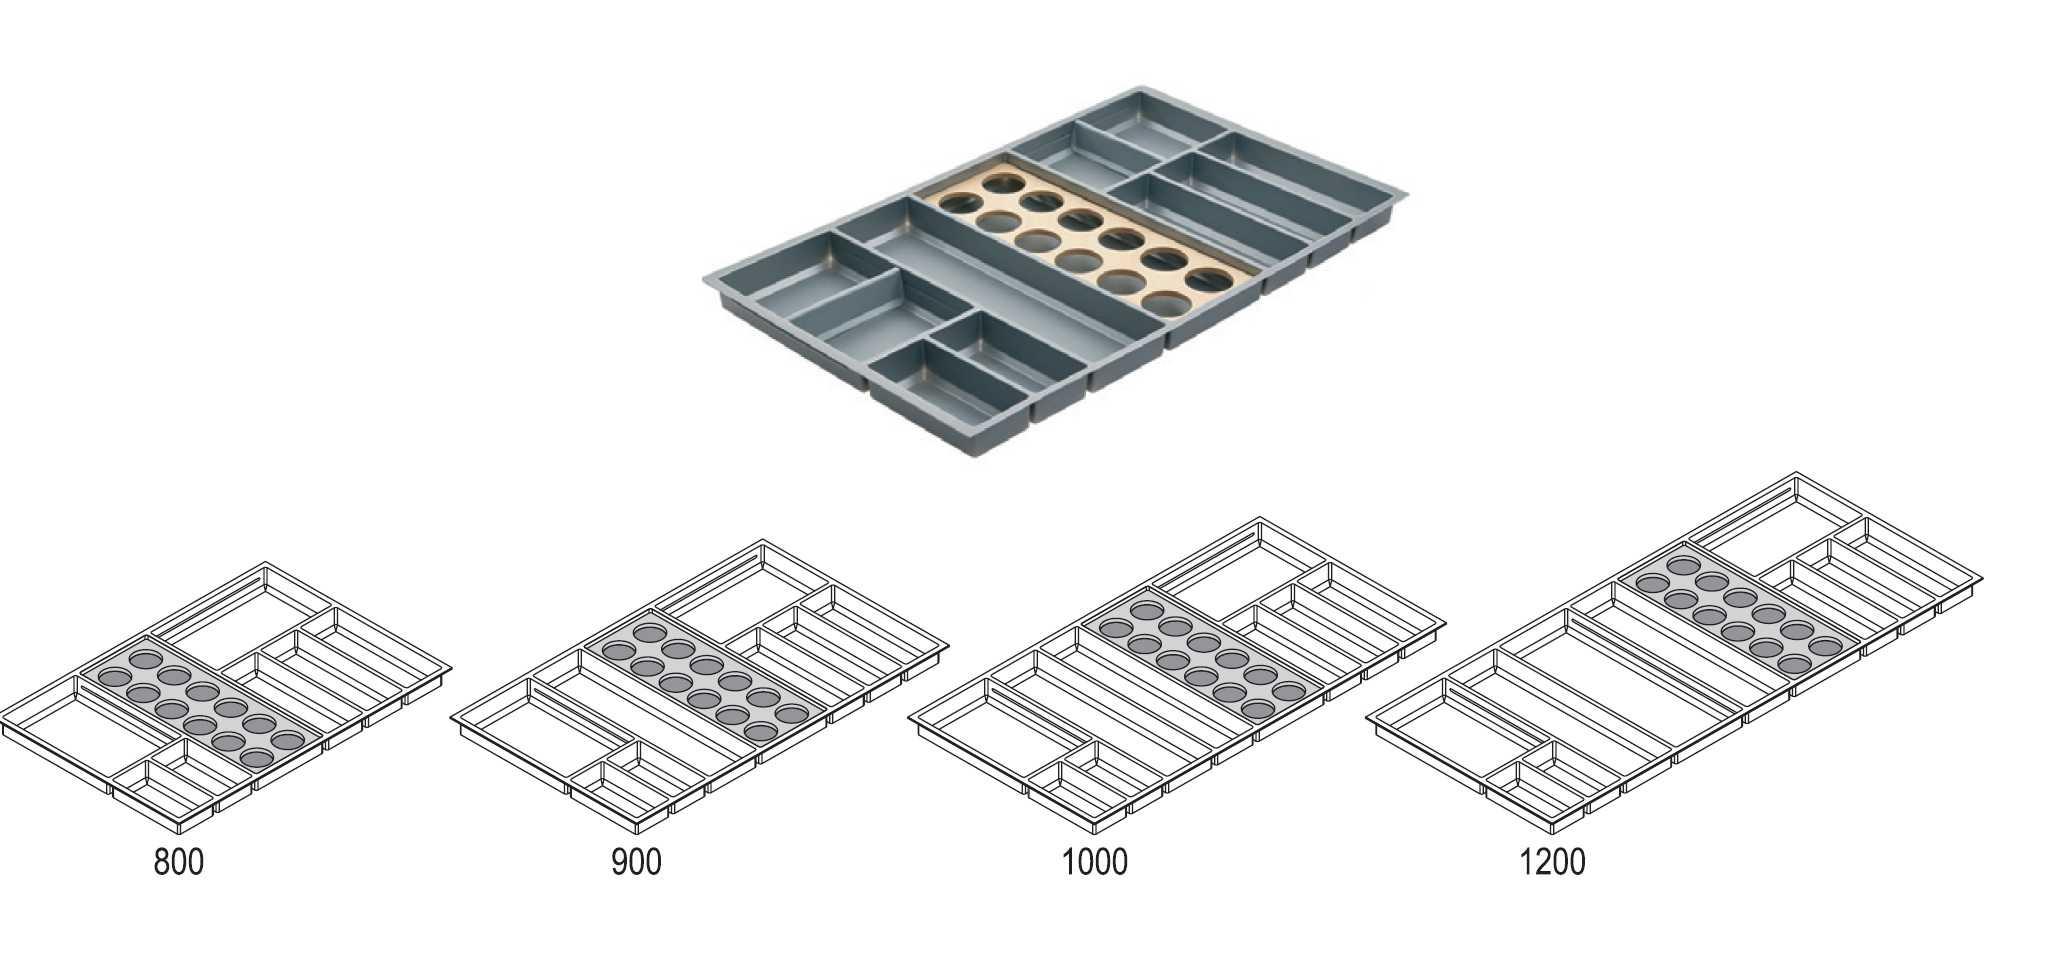 Full Size of Nobilia Besteckeinsatz Move Mit Einsatz Fr Gewrzdosen Original Einbauküche Küche Wohnzimmer Nobilia Besteckeinsatz